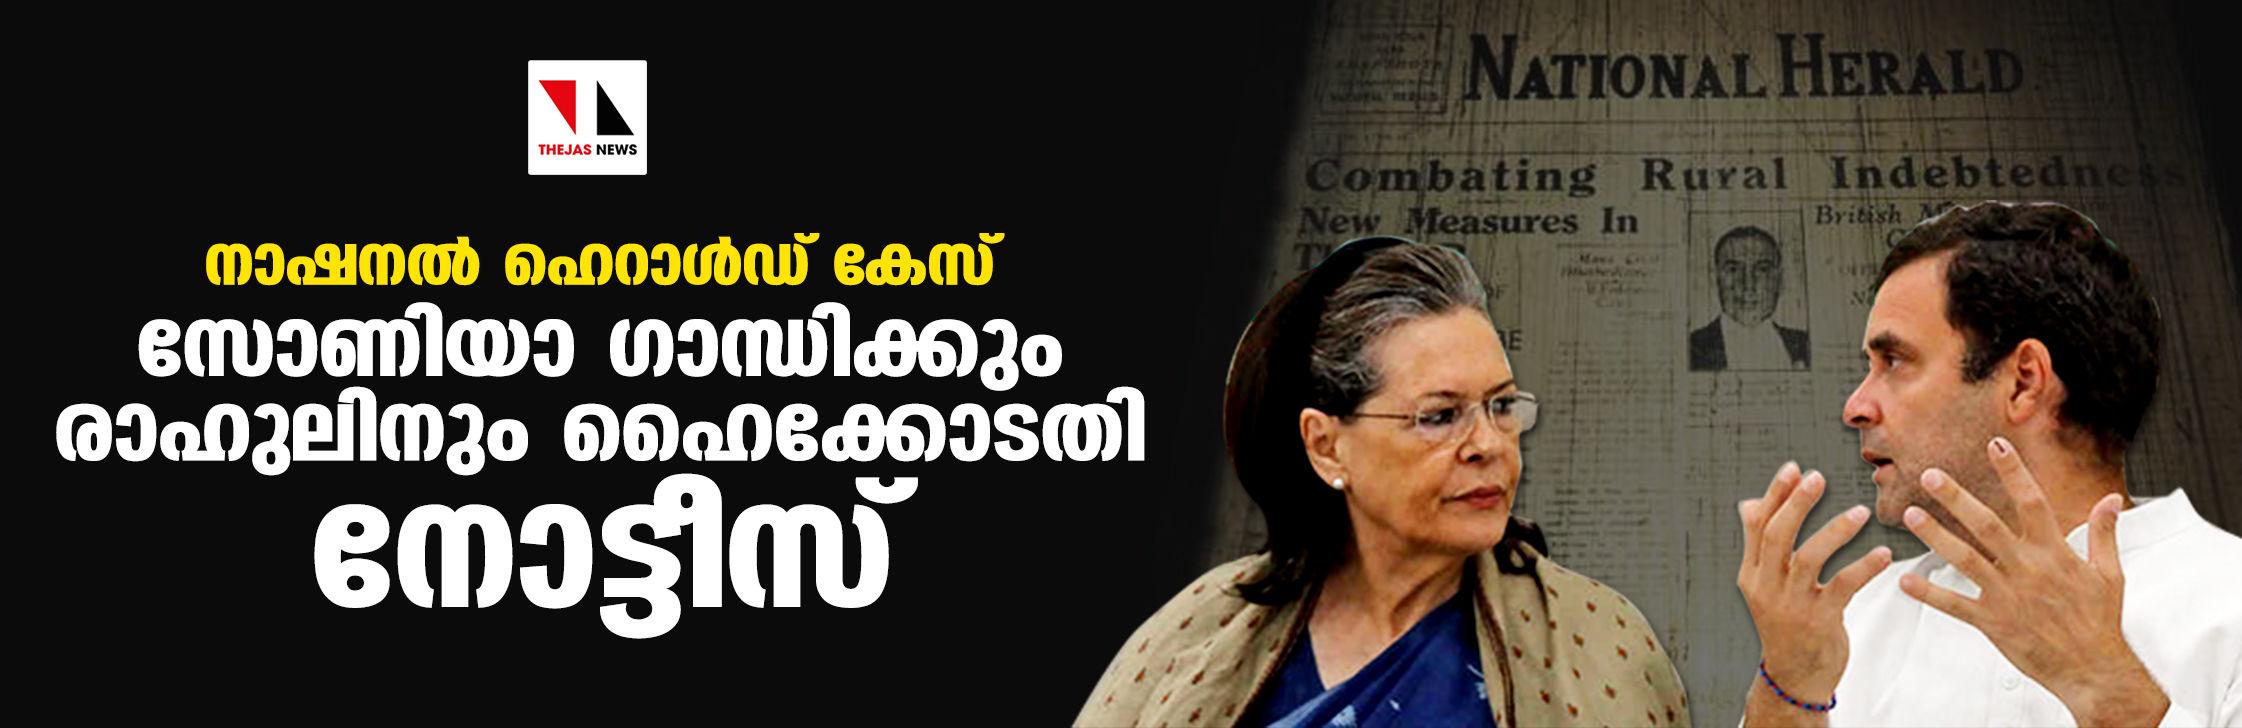 നാഷനല് ഹെറാള്ഡ് കേസ്: സോണിയാ ഗാന്ധിക്കും രാഹുലിനും ഹൈക്കോടതി നോട്ടീസ്